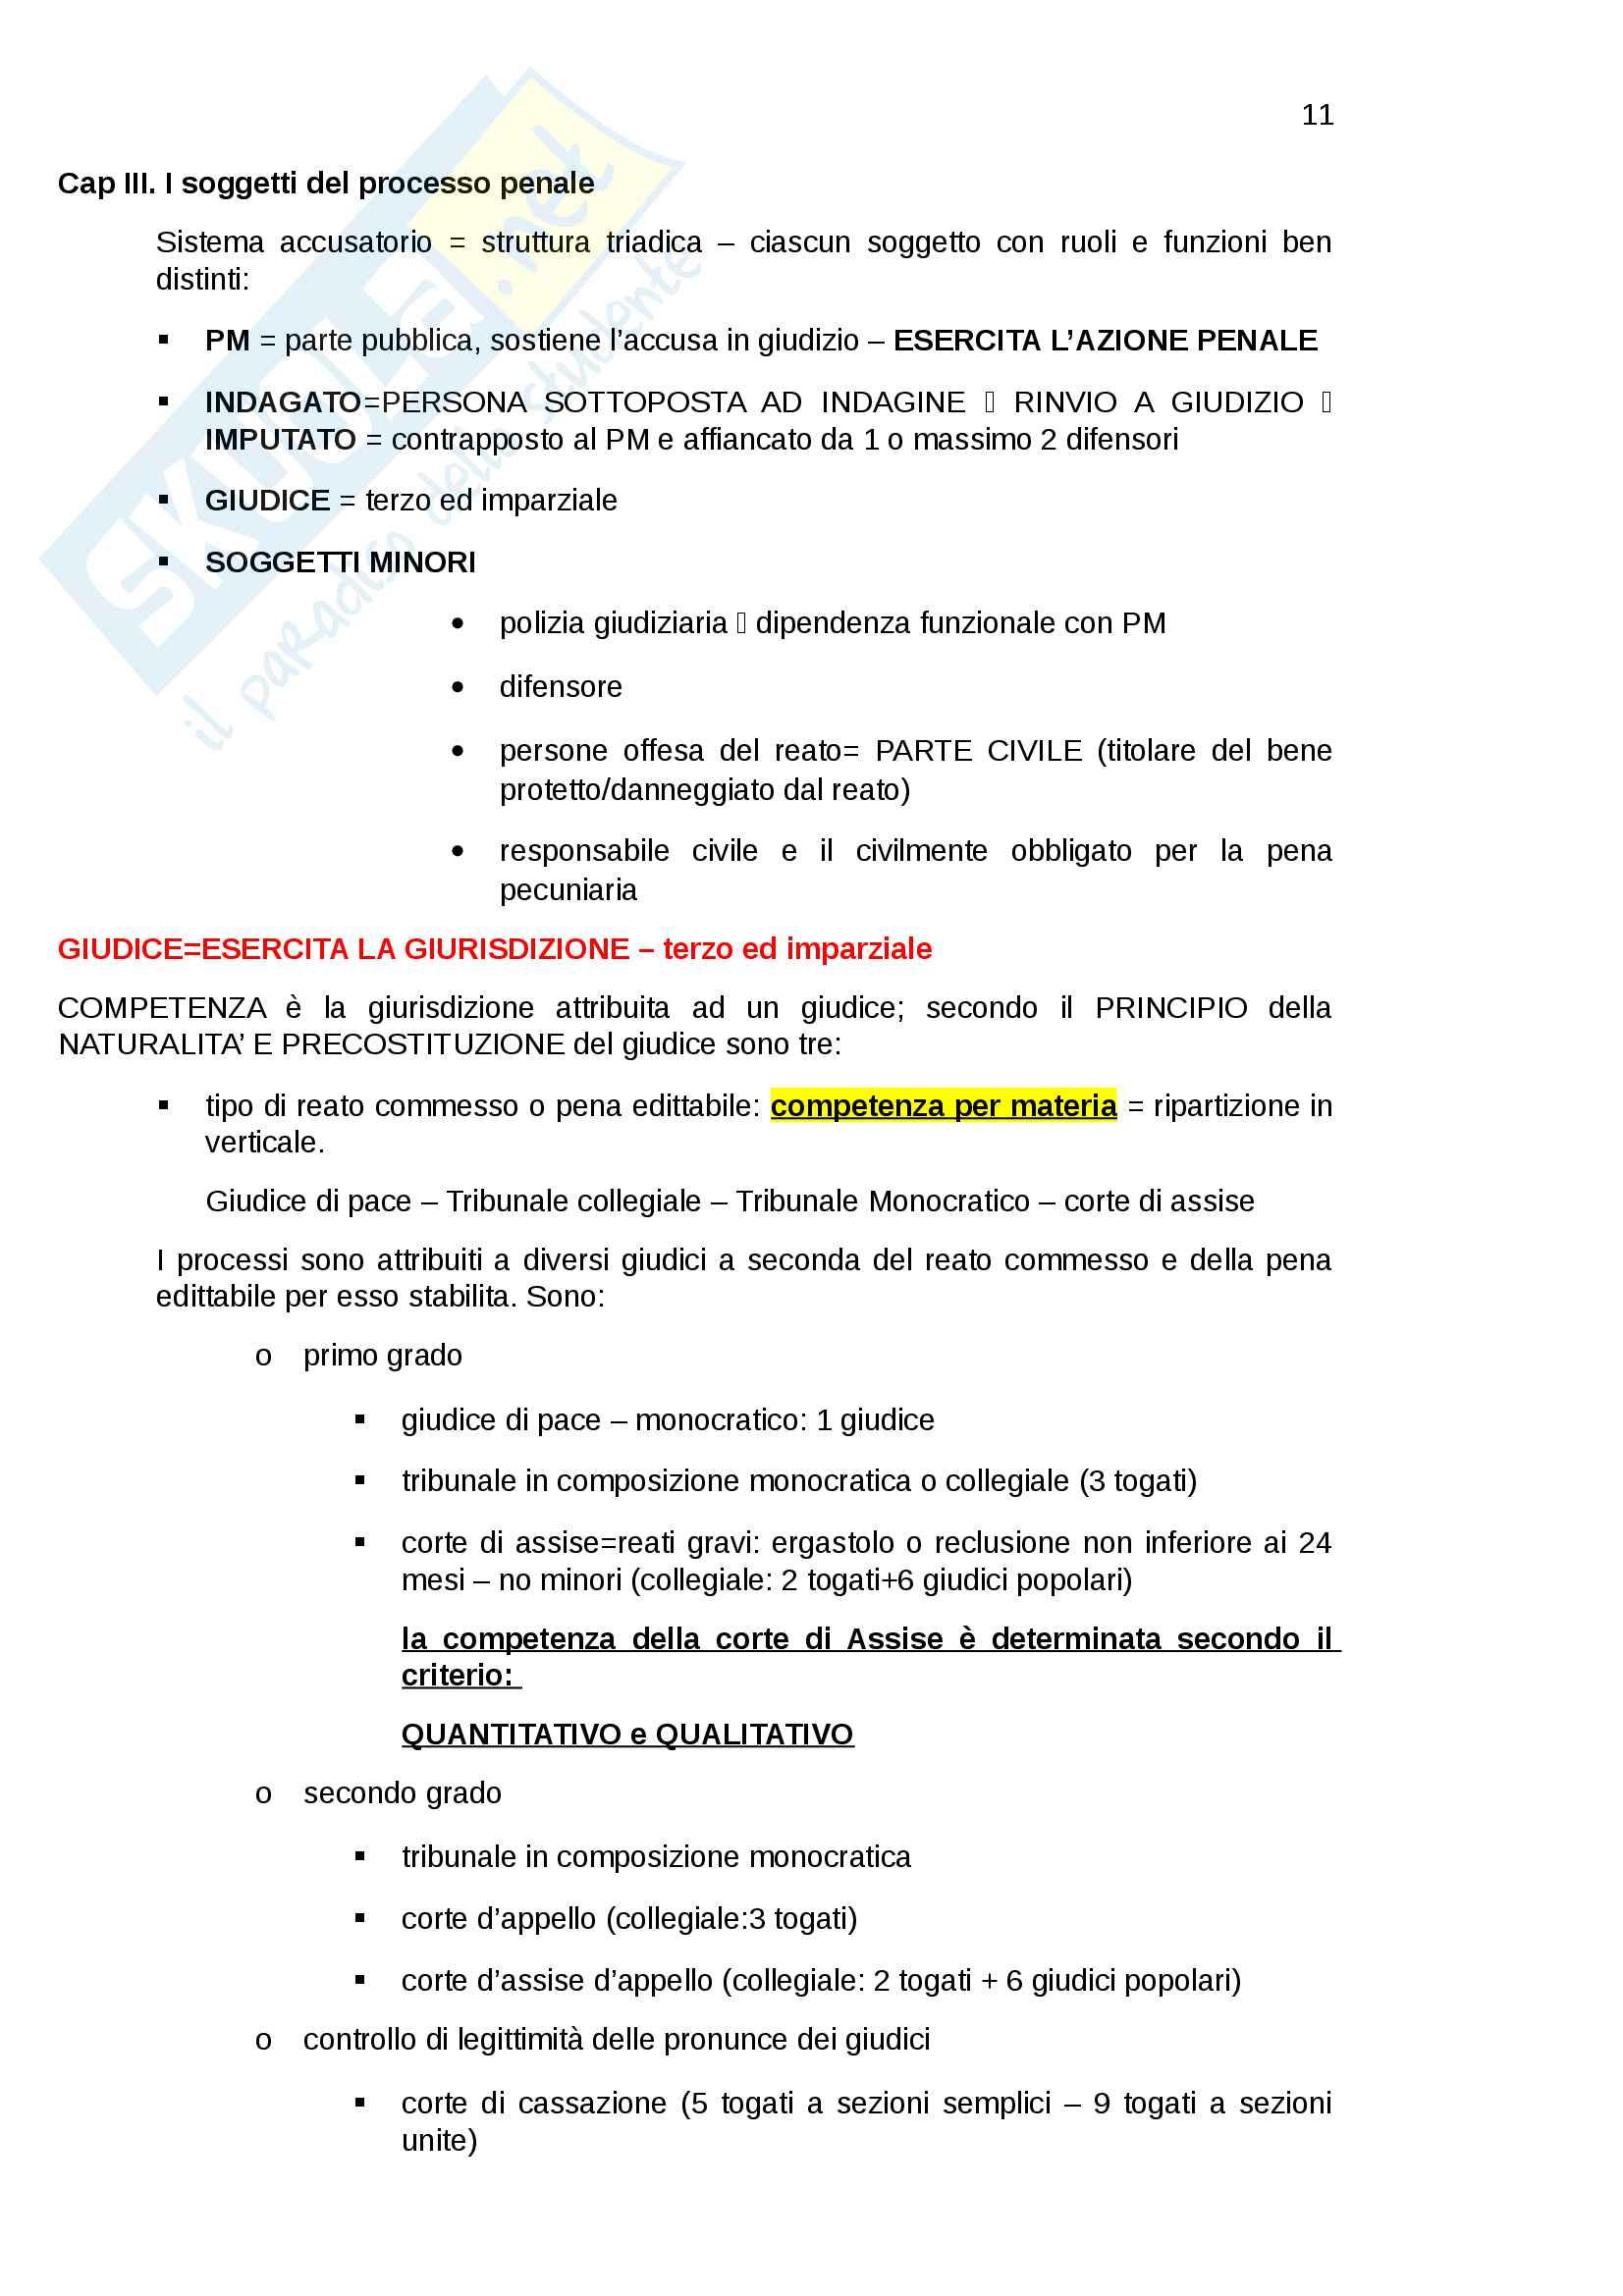 Riassunto esame Istituzioni di diritto e procedura penale Pag. 11